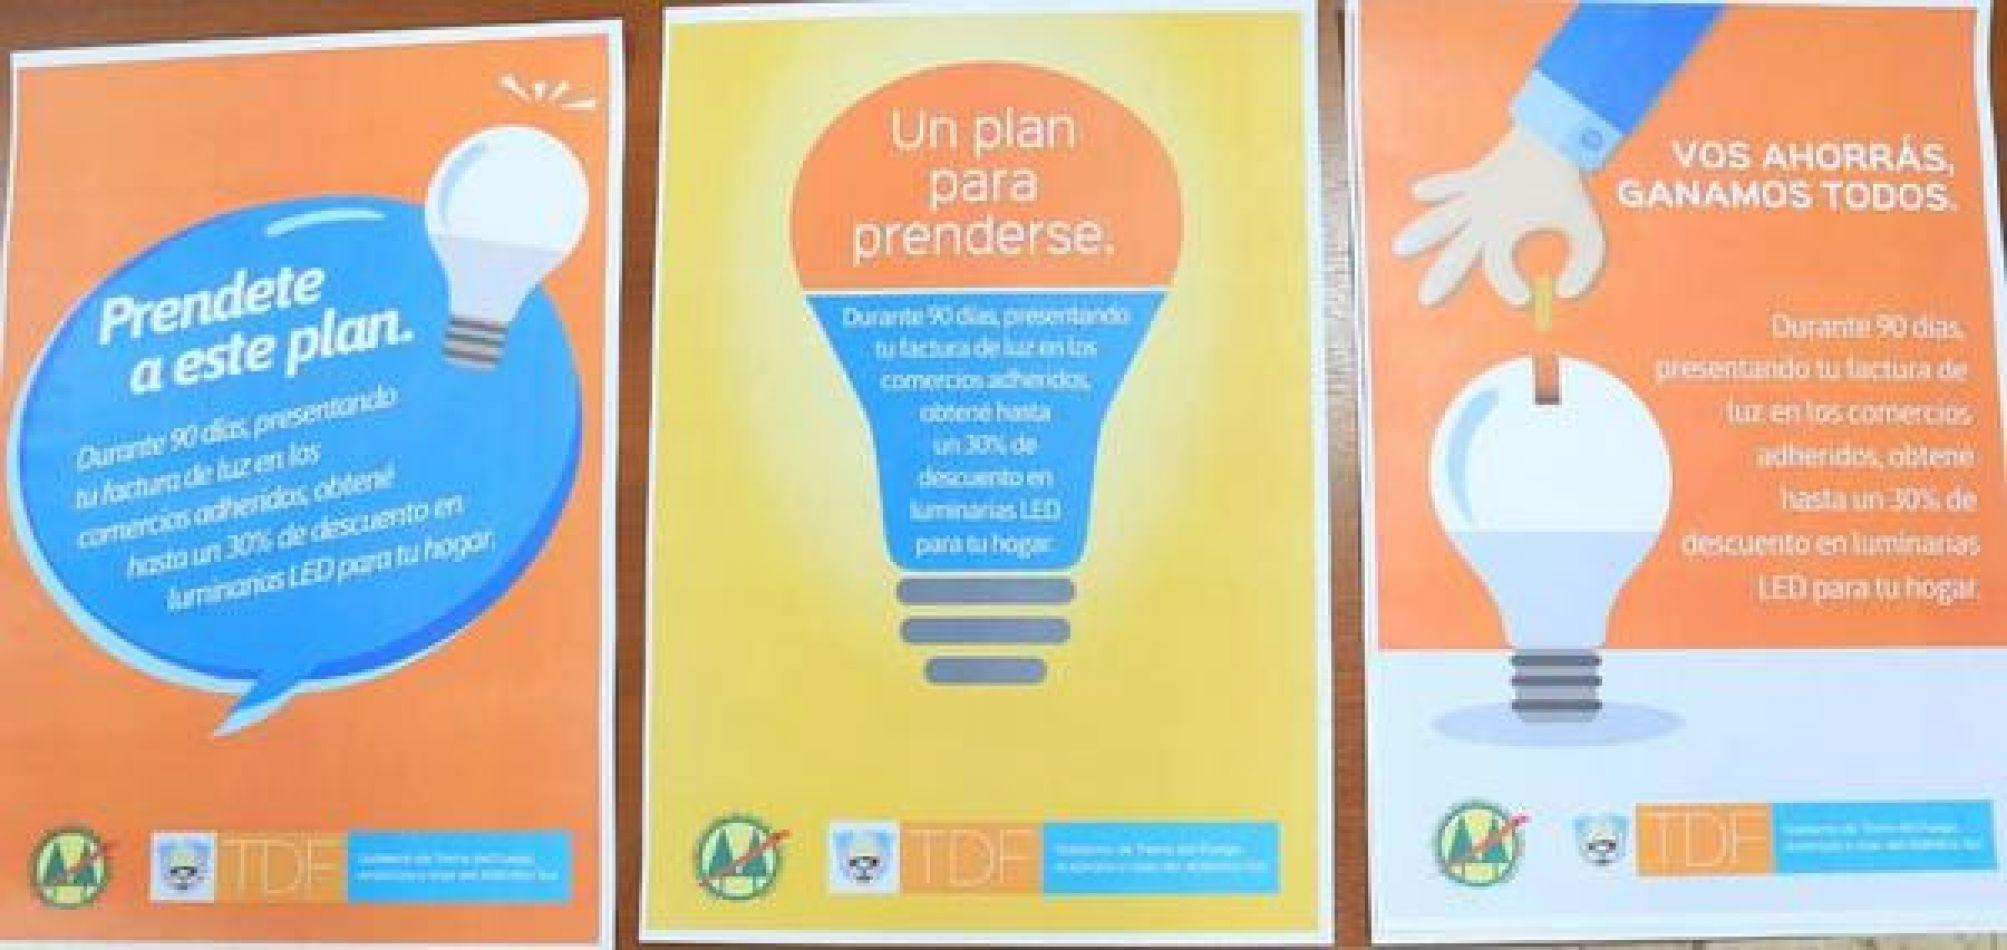 Comercios de Río Grande ofrecerán descuentos para el cambio de luminaria